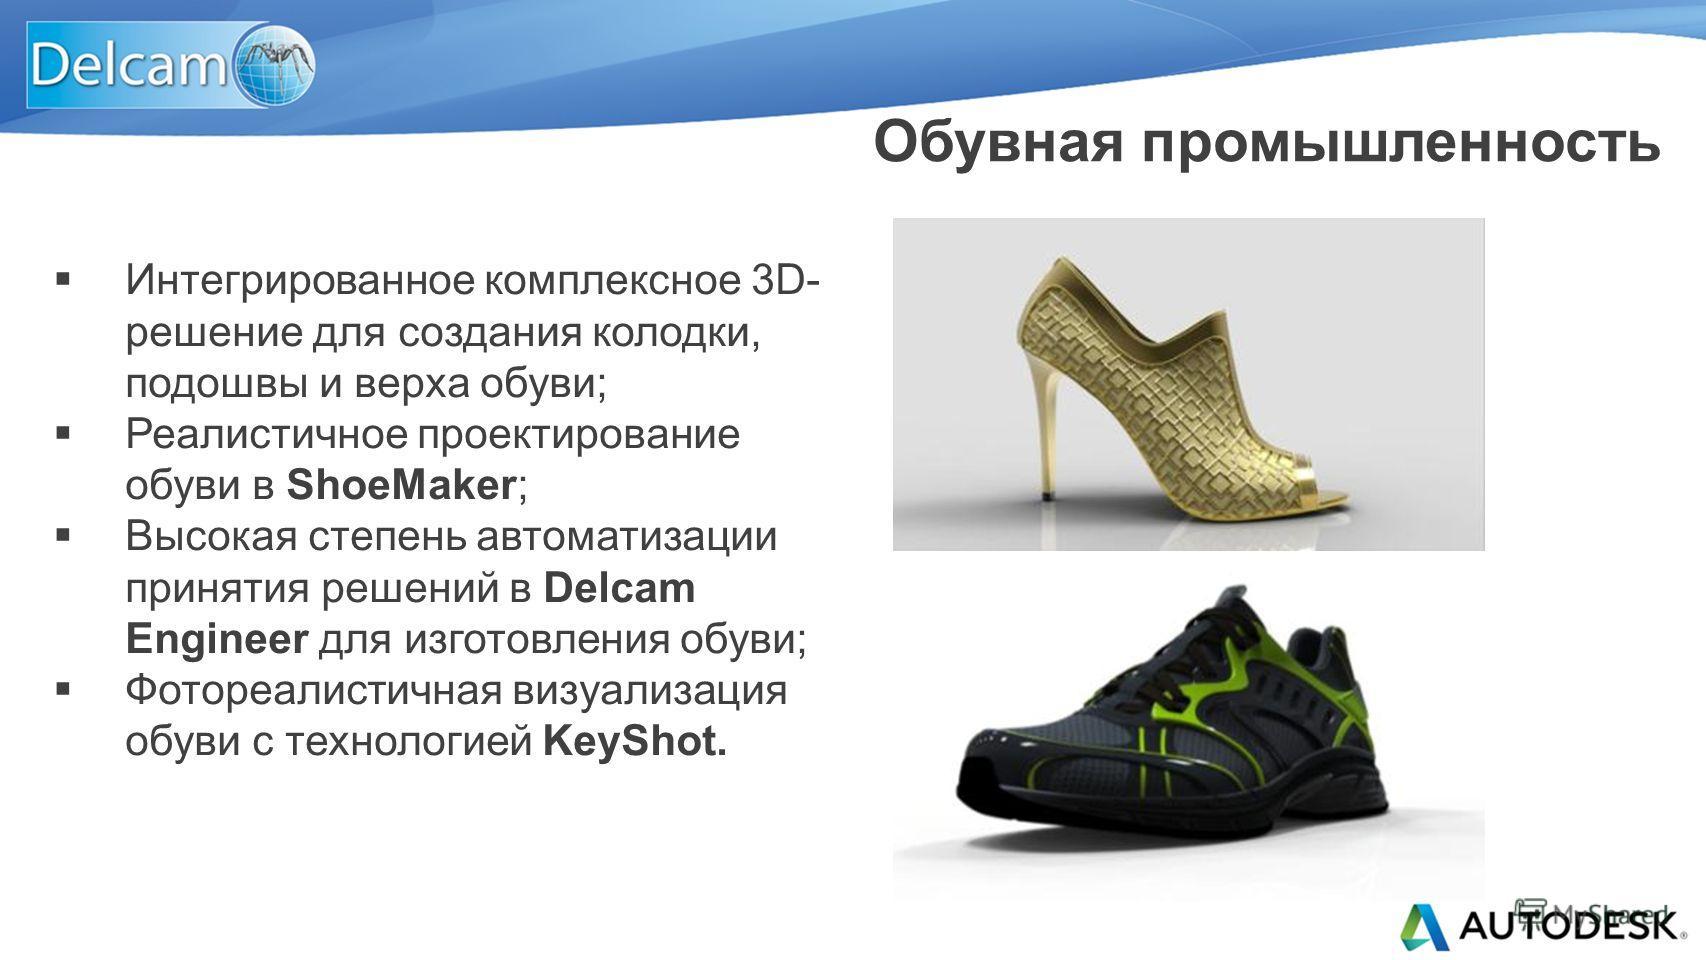 Интегрированное комплексное 3D- решение для создания колодки, подошвы и верха обуви; Реалистичное проектирование обуви в ShoeMaker; Высокая степень автоматизации принятия решений в Delcam Engineer для изготовления обуви; Фотореалистичная визуализация